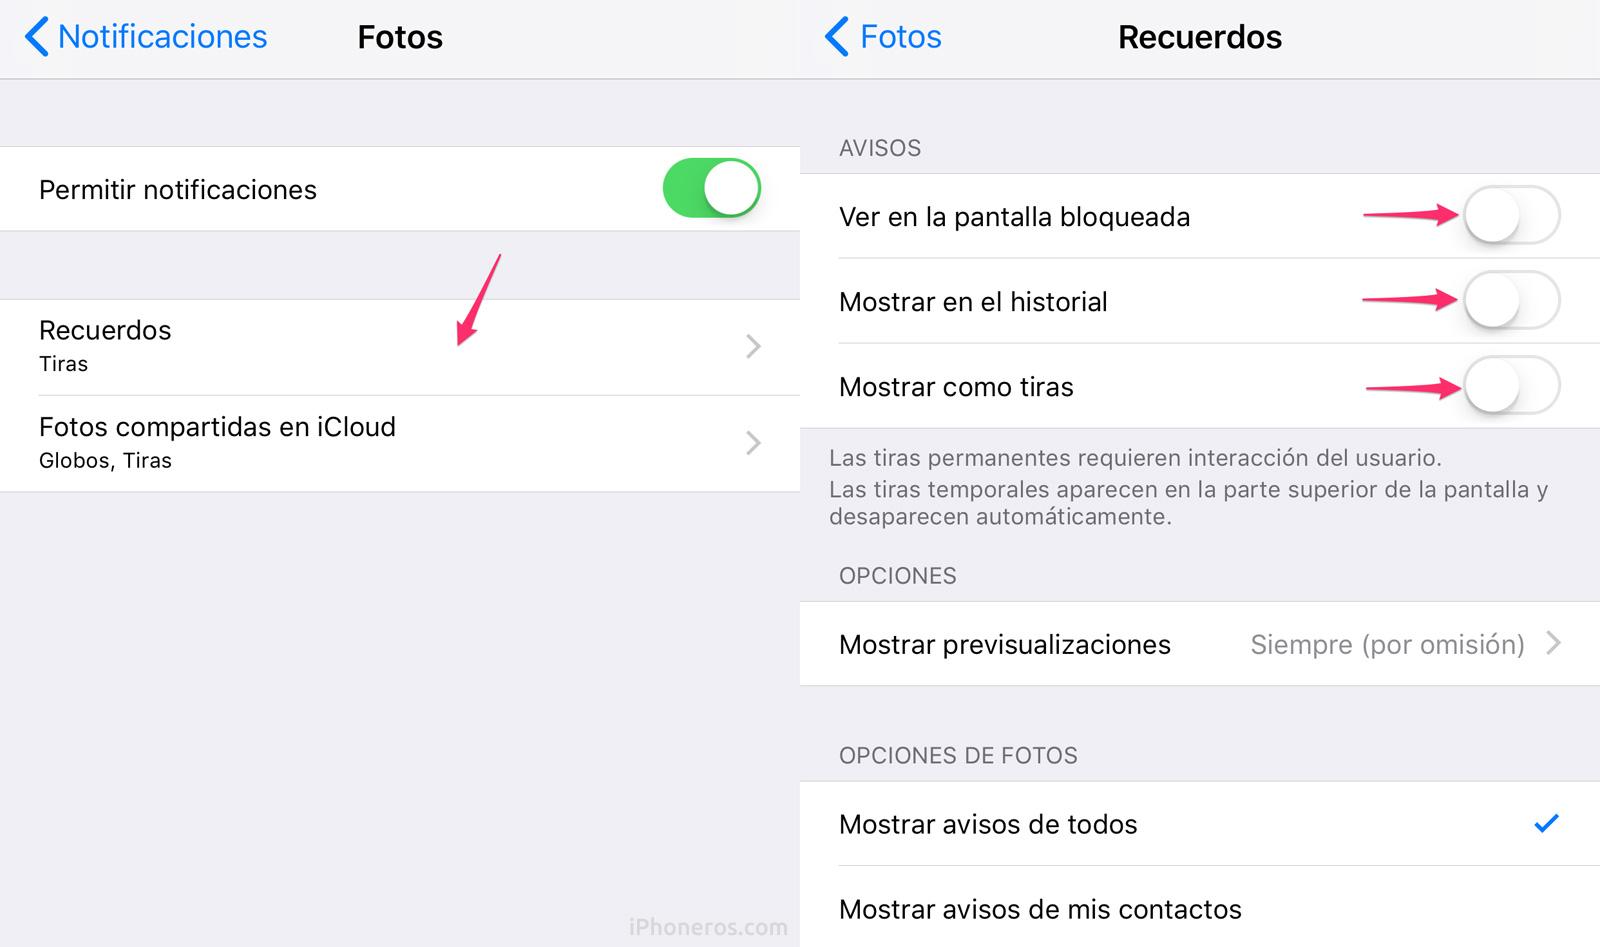 Notificaciones de recuerdos de la App de Fotos